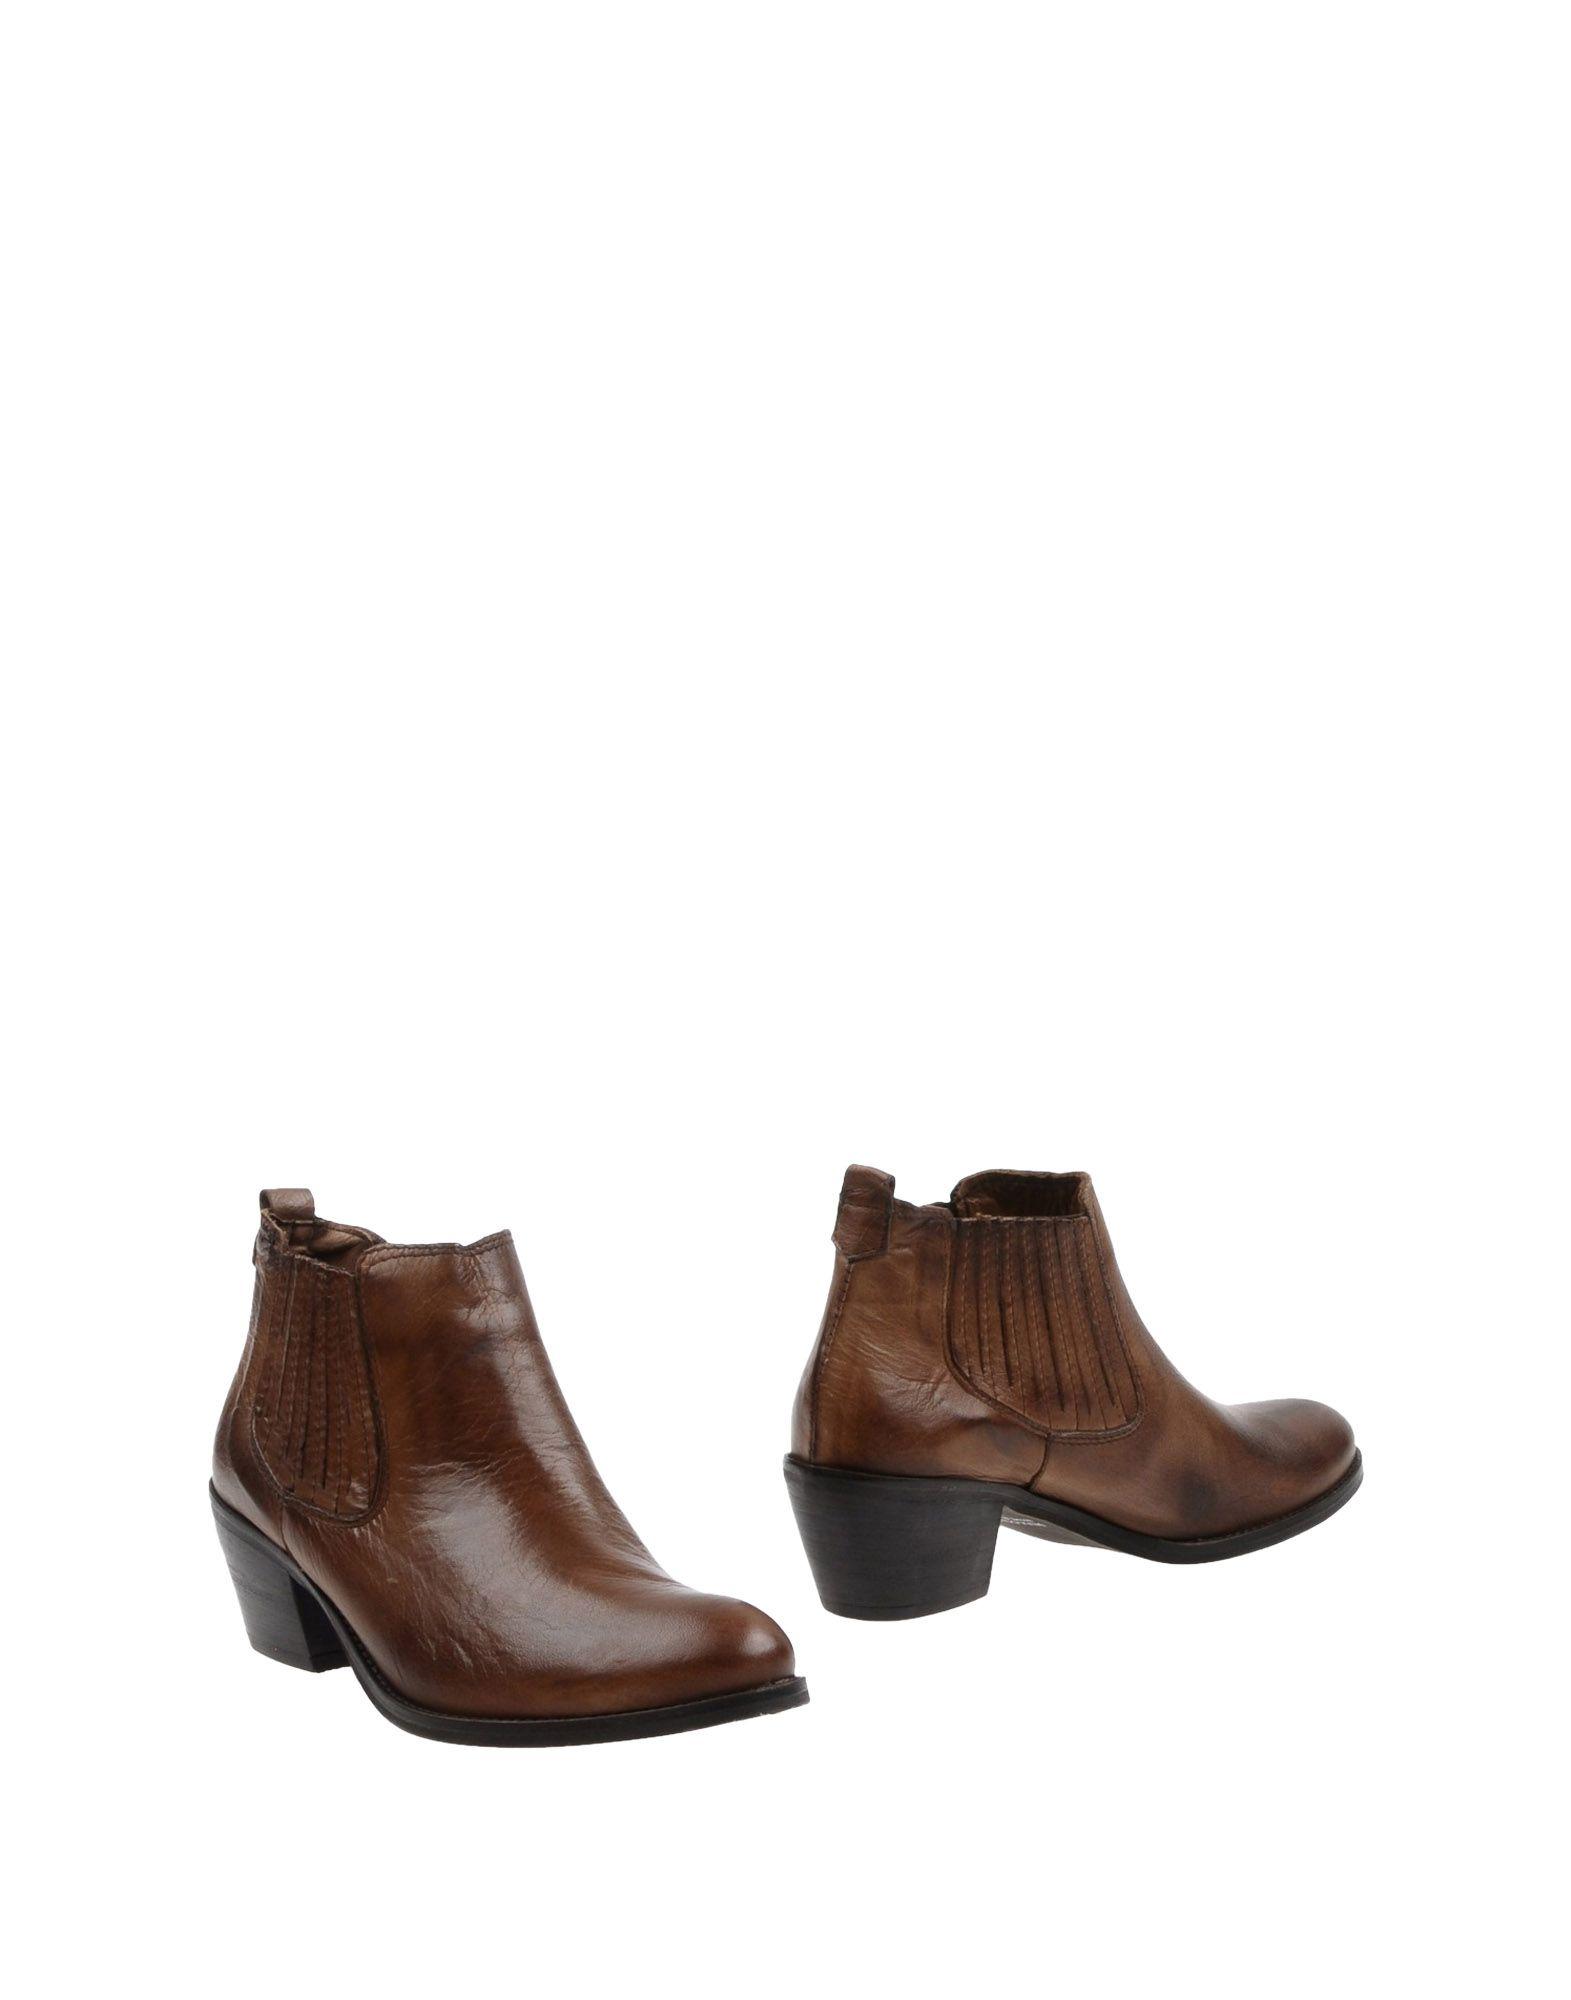 VERRI-B Полусапоги и высокие ботинки купить футбольную форму челси торрес